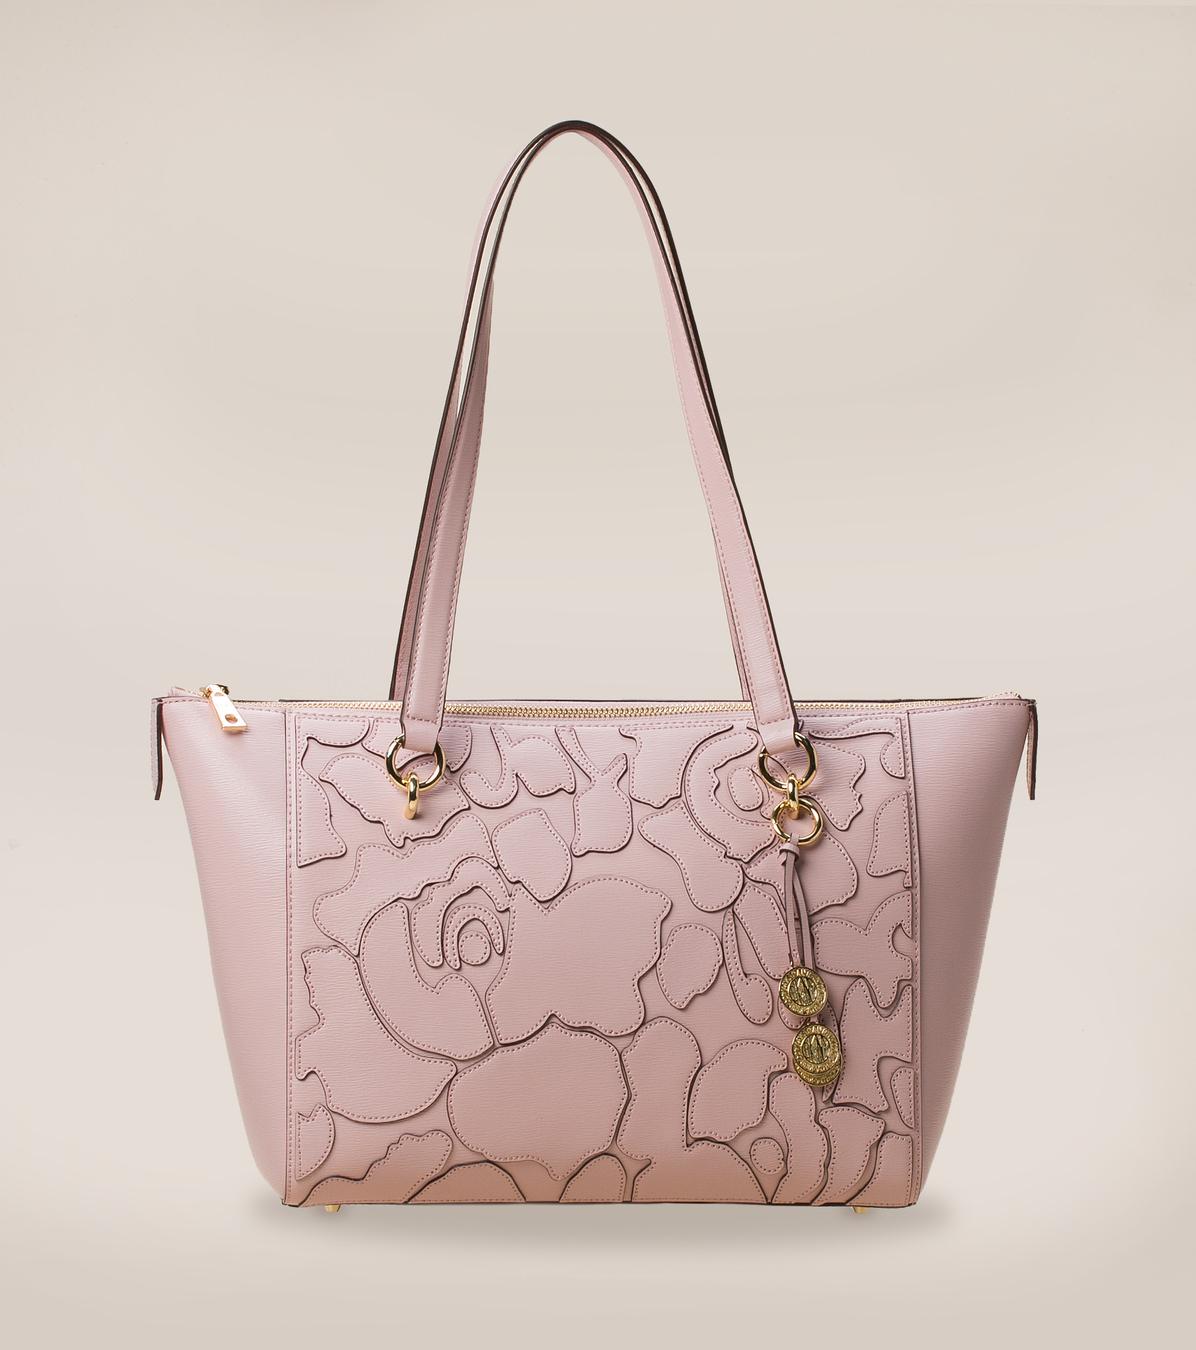 5ebffc9d9bdf3 DKNY Damen-Acces. Handtasche in Pink kaufen